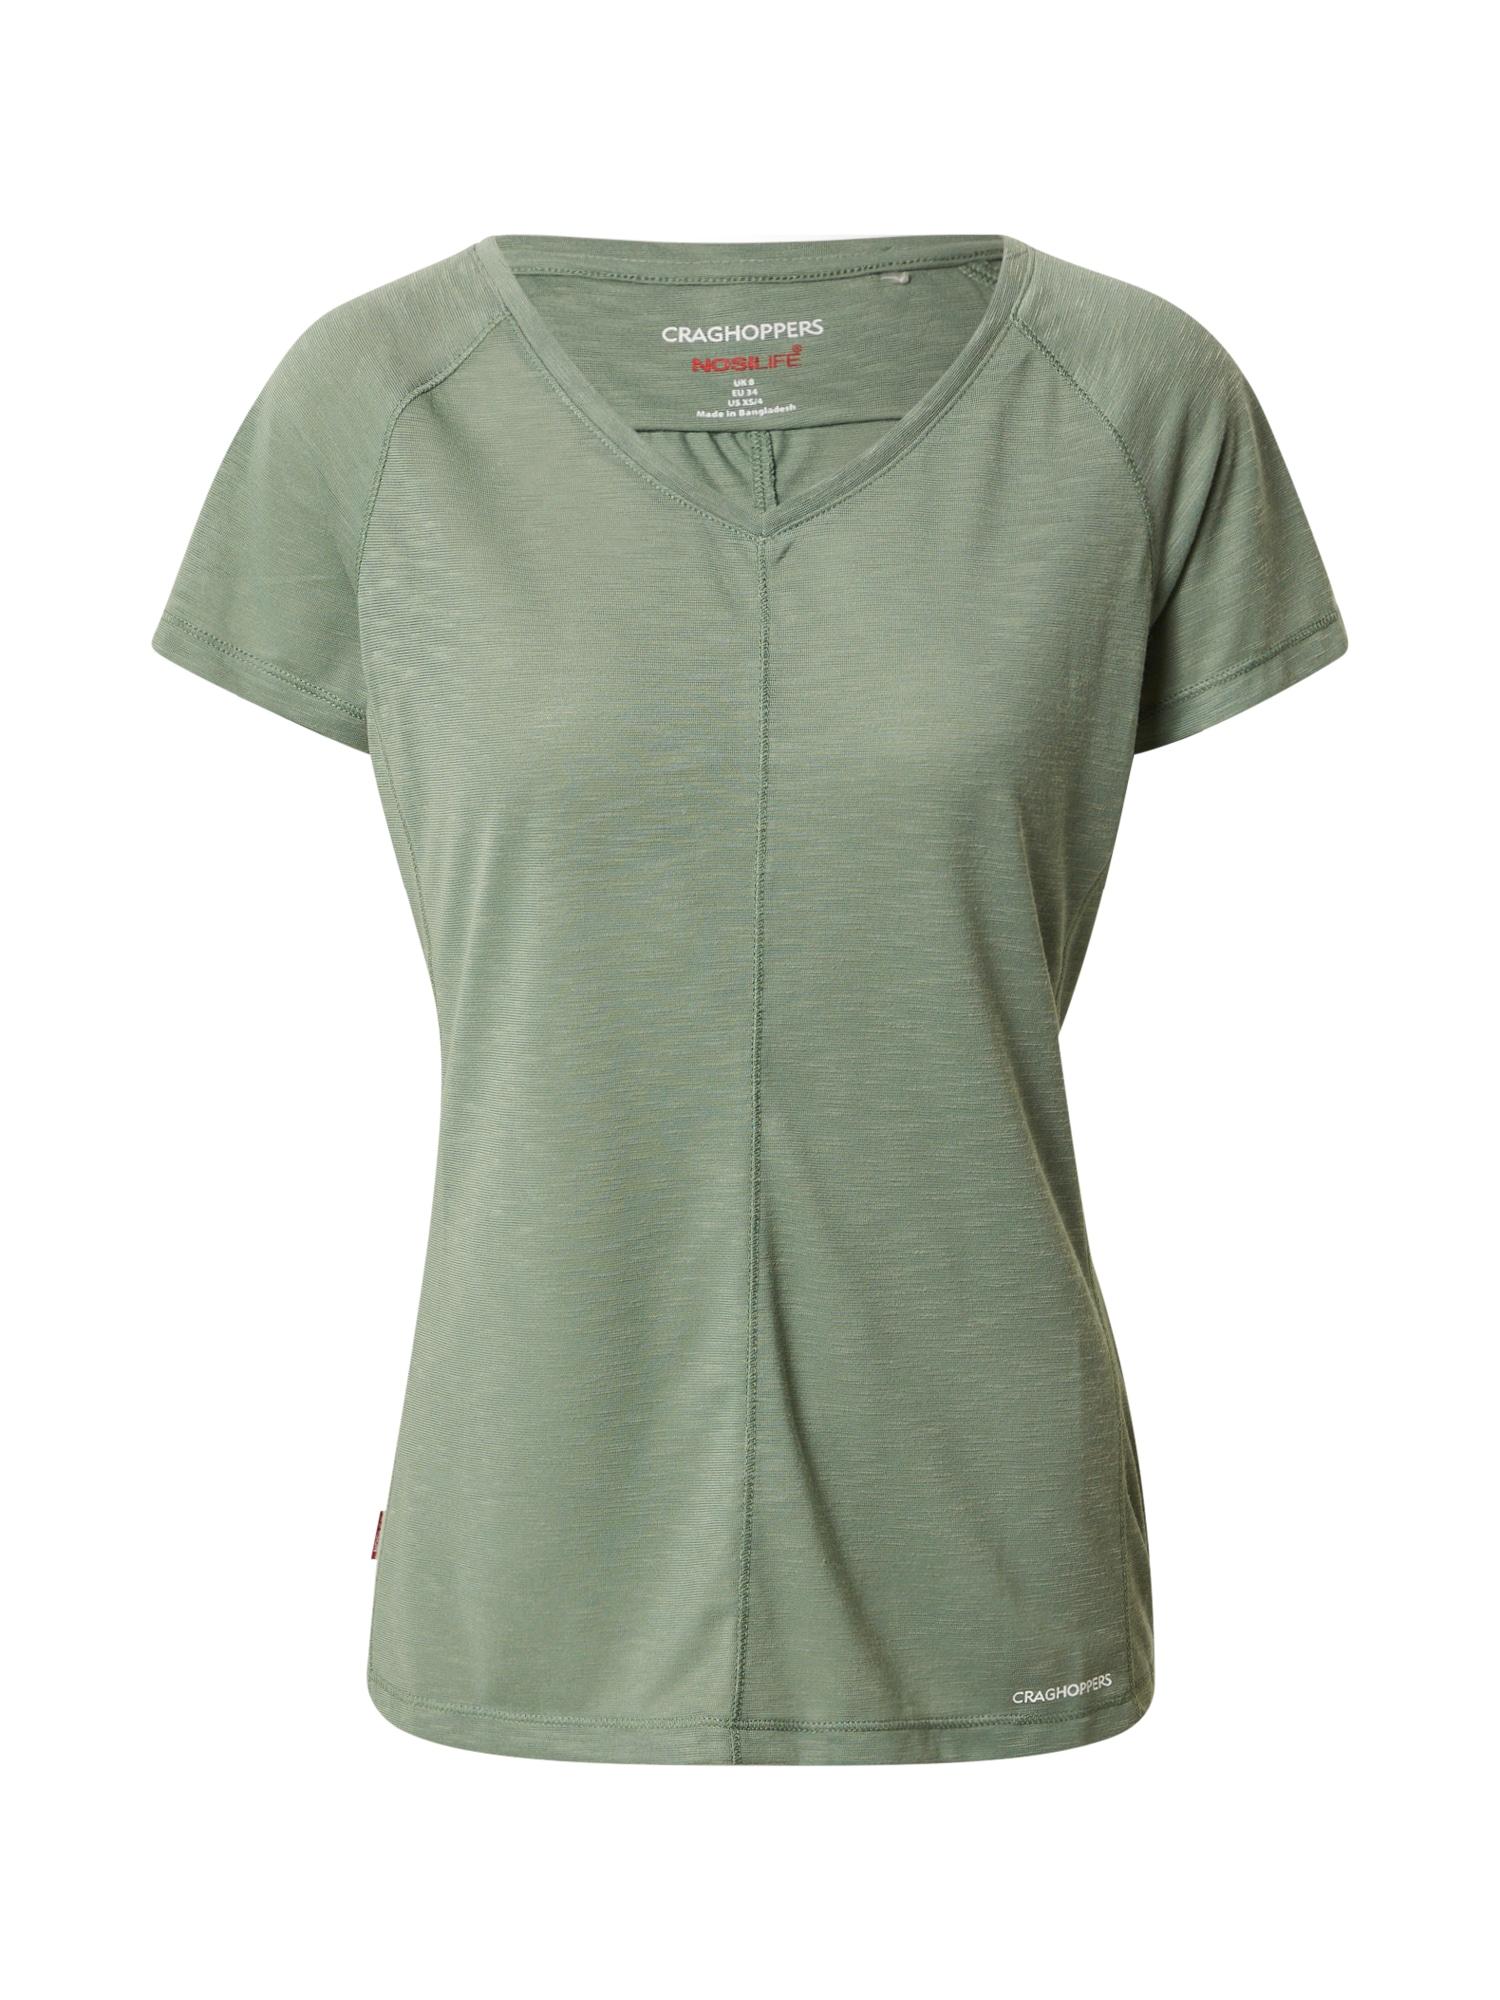 CRAGHOPPERS Sportiniai marškinėliai